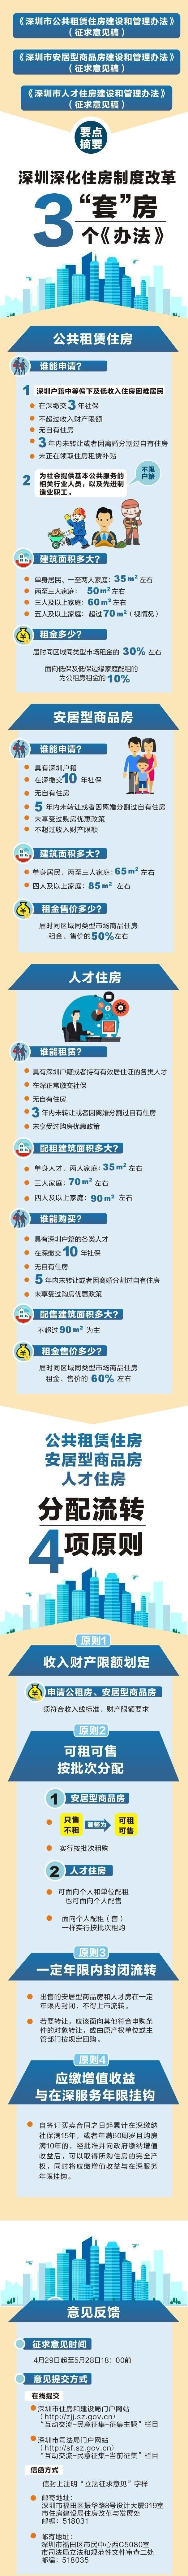 深圳住房改革制度